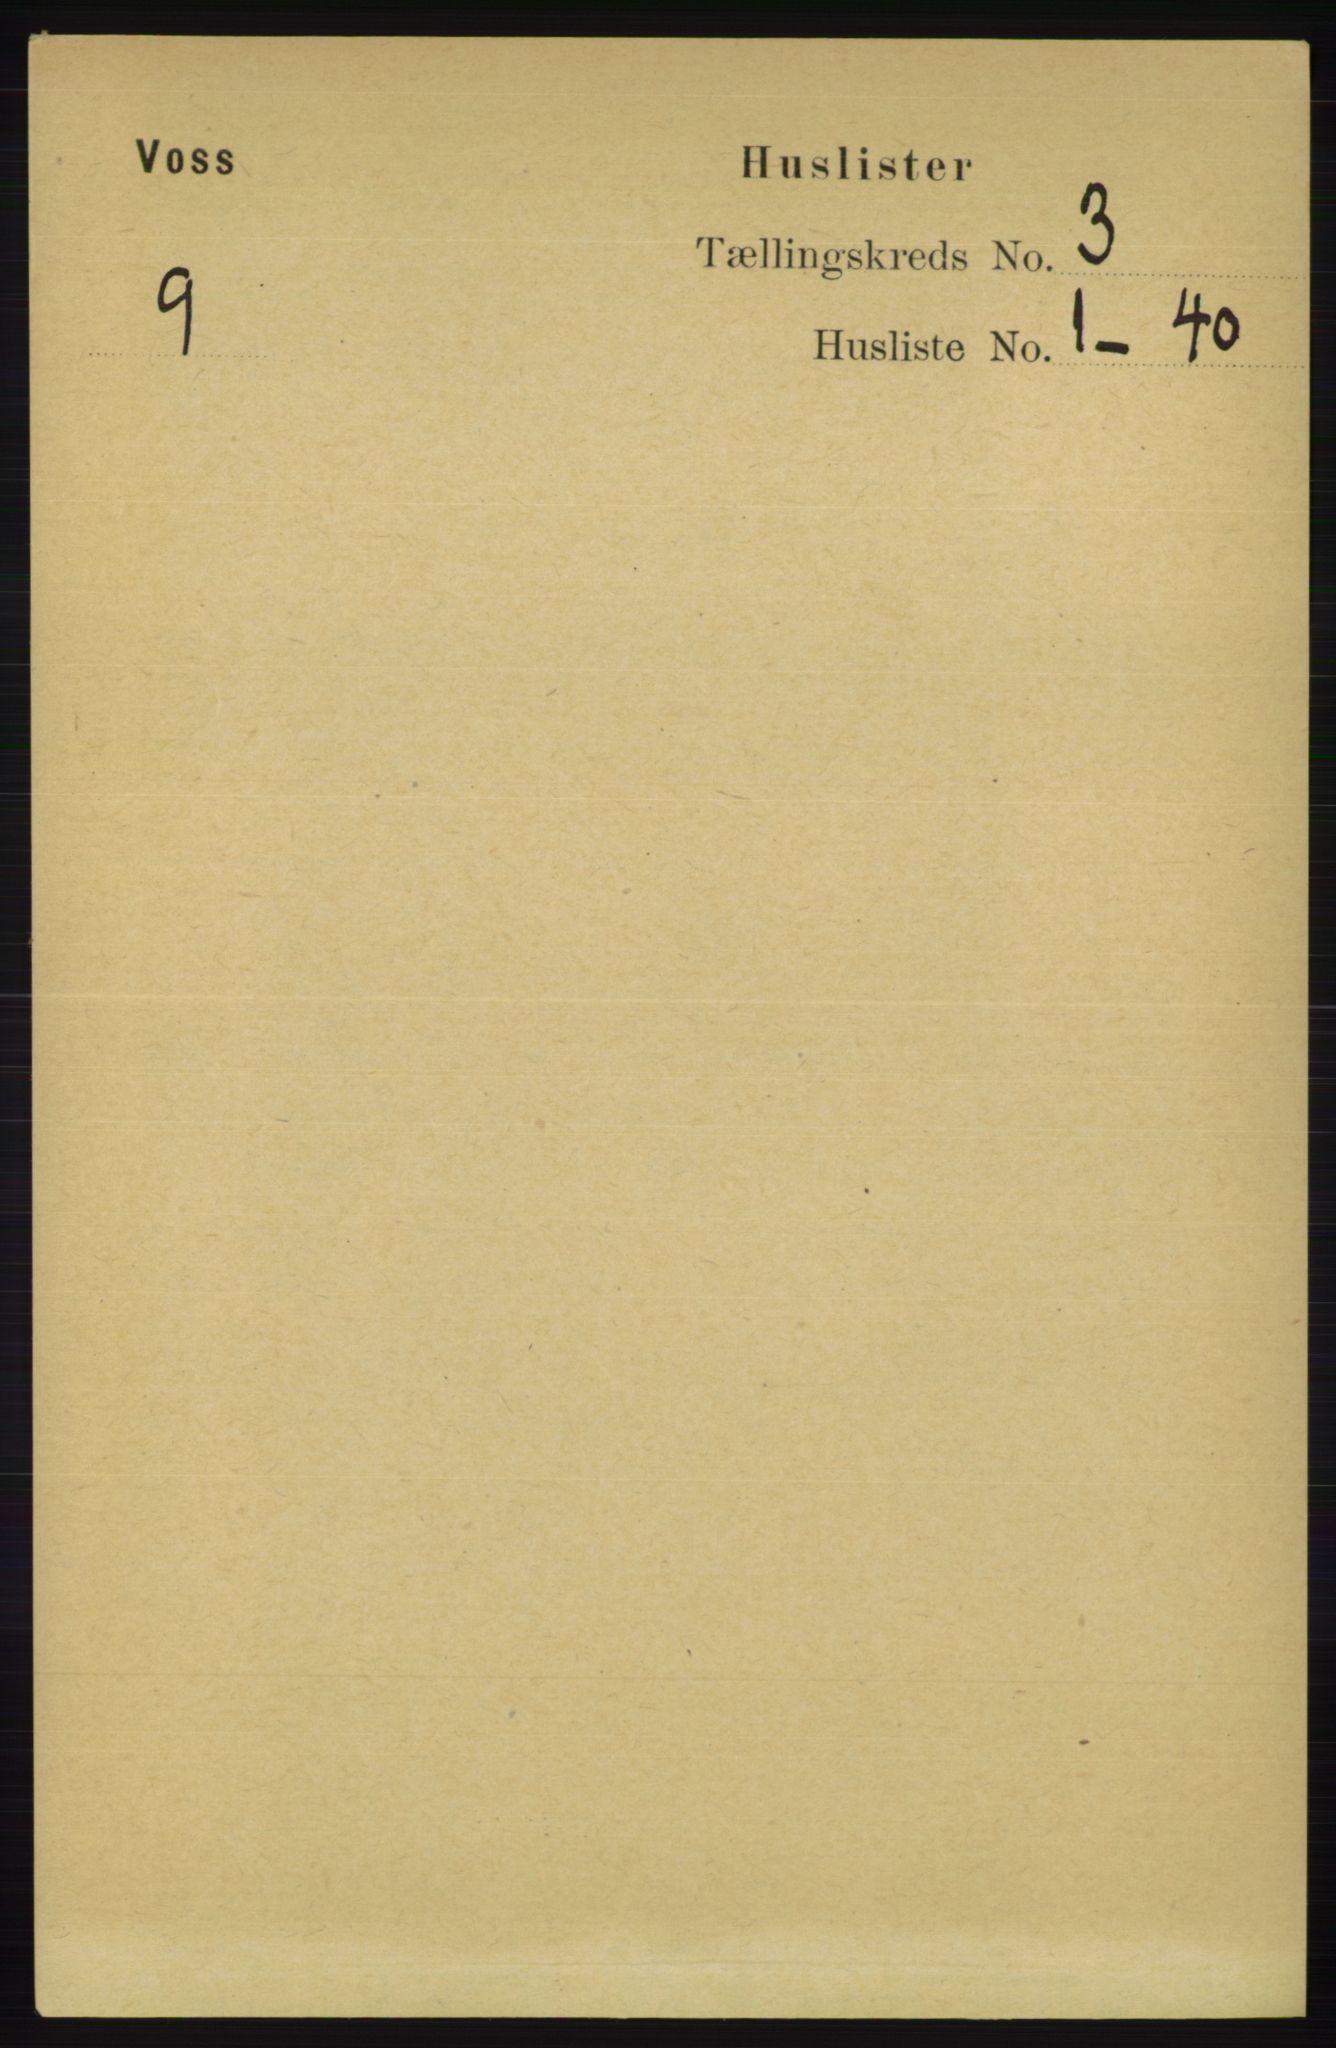 RA, Folketelling 1891 for 1235 Voss herred, 1891, s. 1132